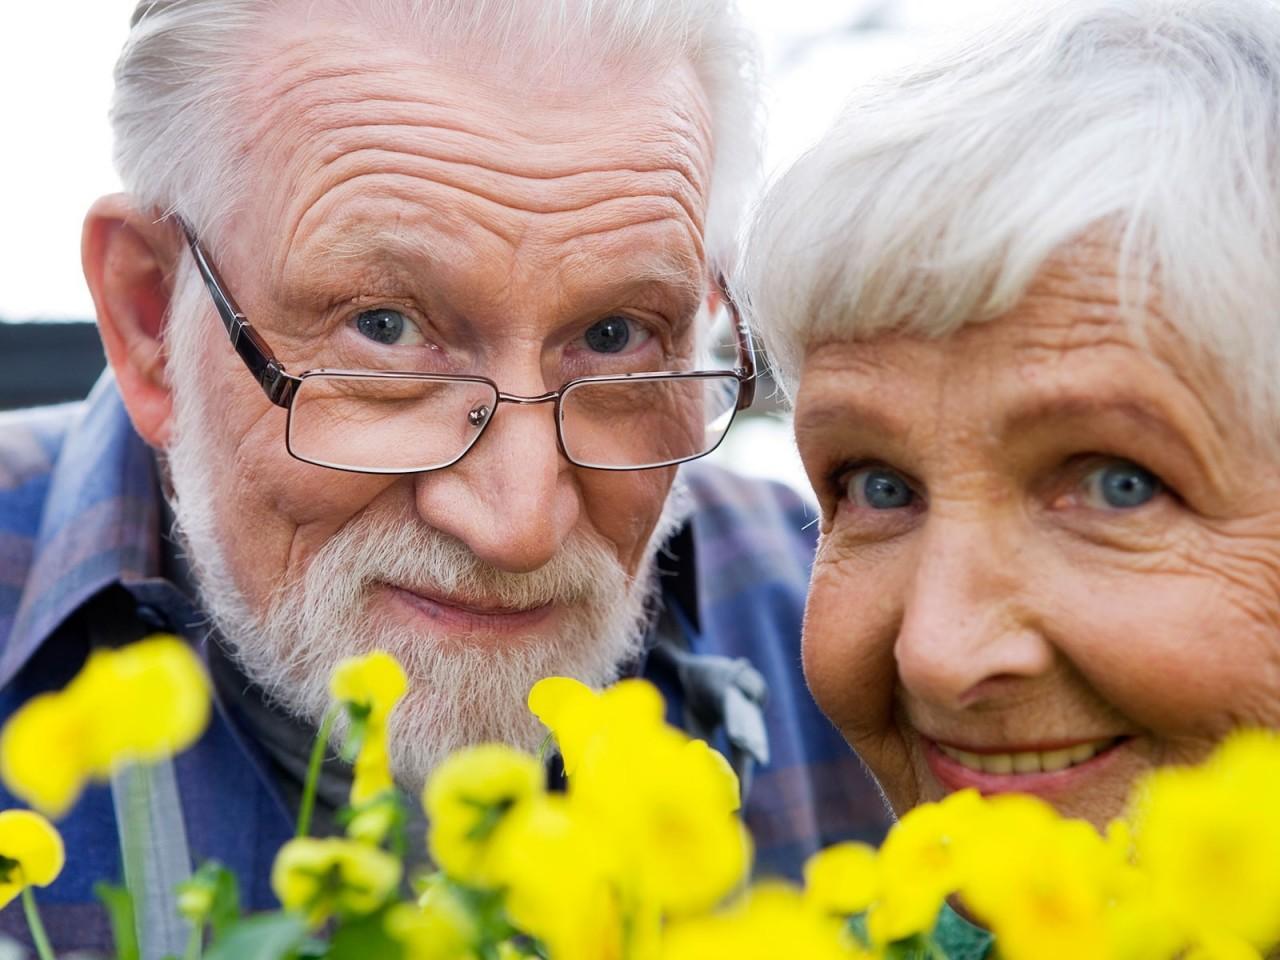 Запах старости: возрастные правила личной гигиены. Су-джок семянотерапия - эффективное лечение дома